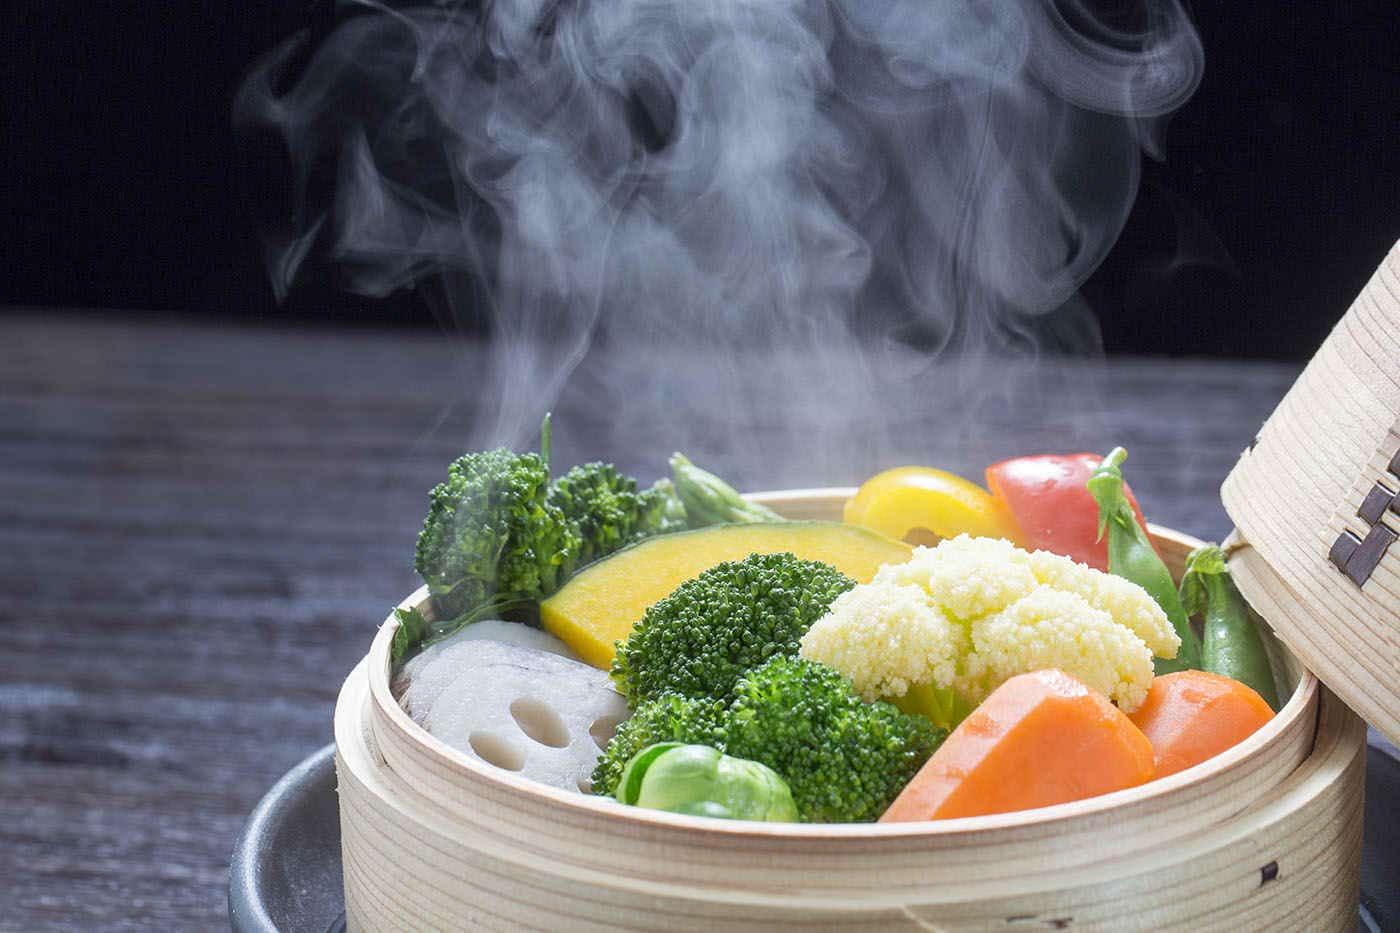 Legumele și fructele: care sunt mai sănătoase crude și care gătite?